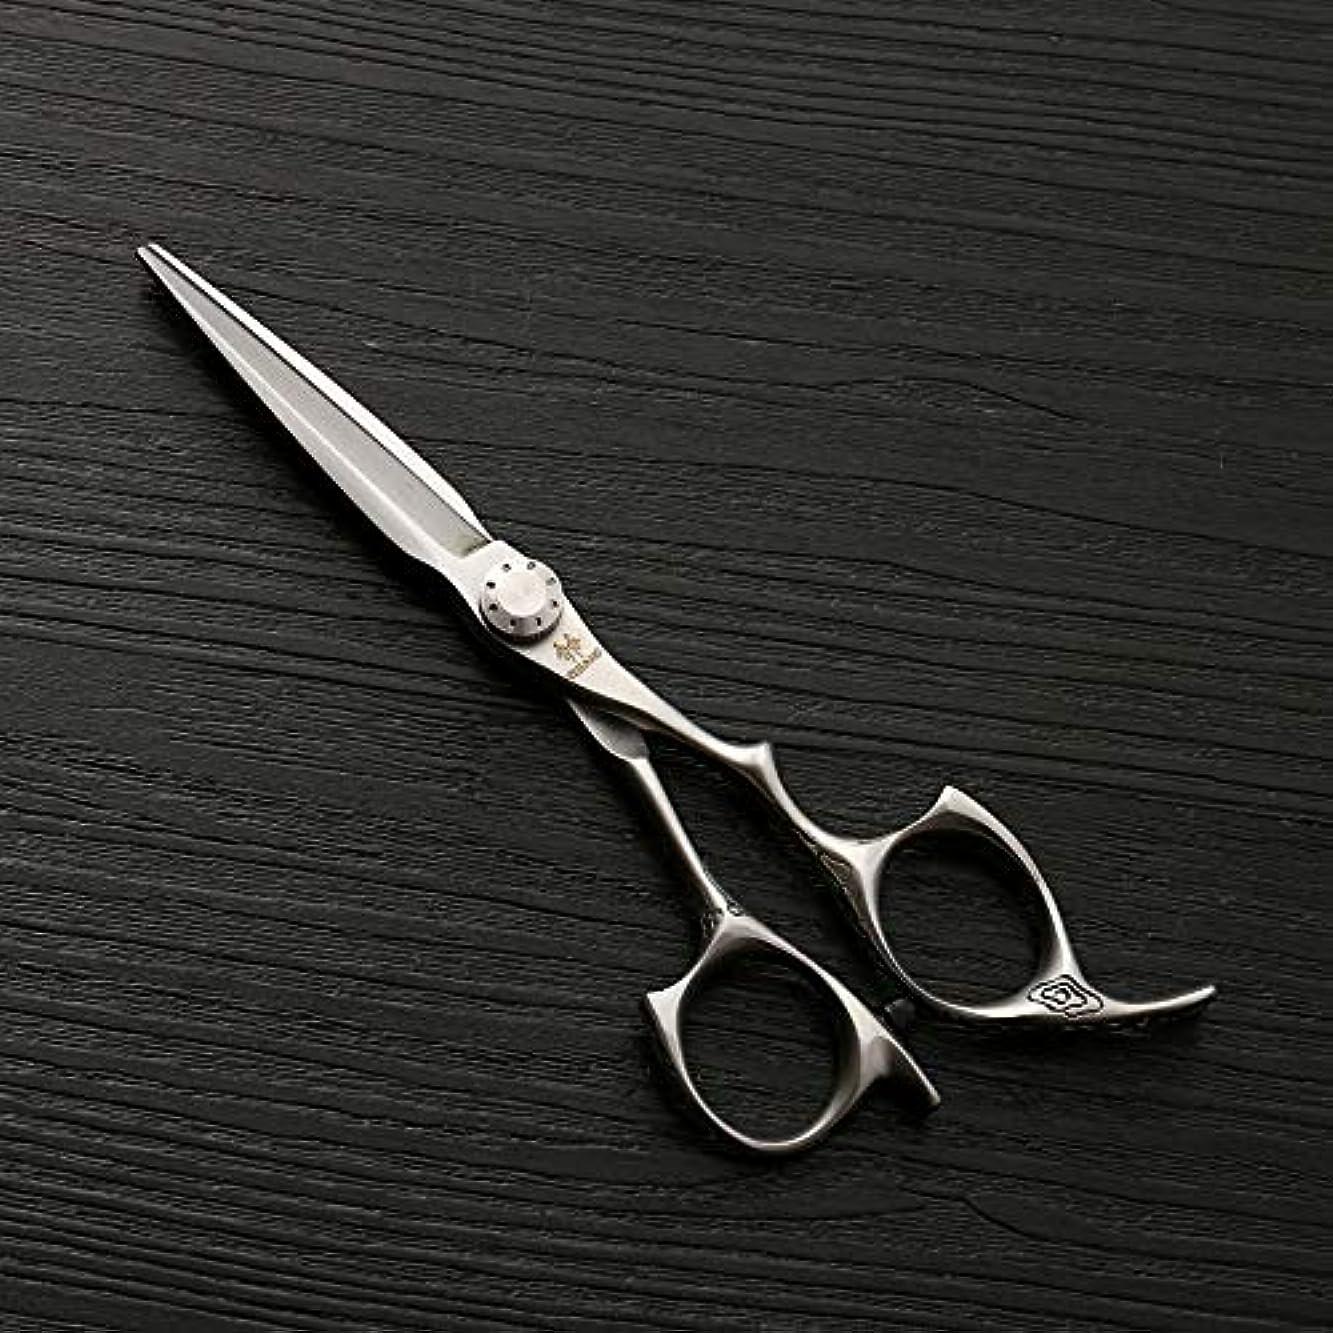 ピニオントライアスリートピニオンHairdressing 新バリカン、ヘアスタイリスト理髪はさみ、5.5インチステンレス鋼プロフェッショナルフラットシアーヘアカットシザーステンレス理髪はさみ (色 : Silver)